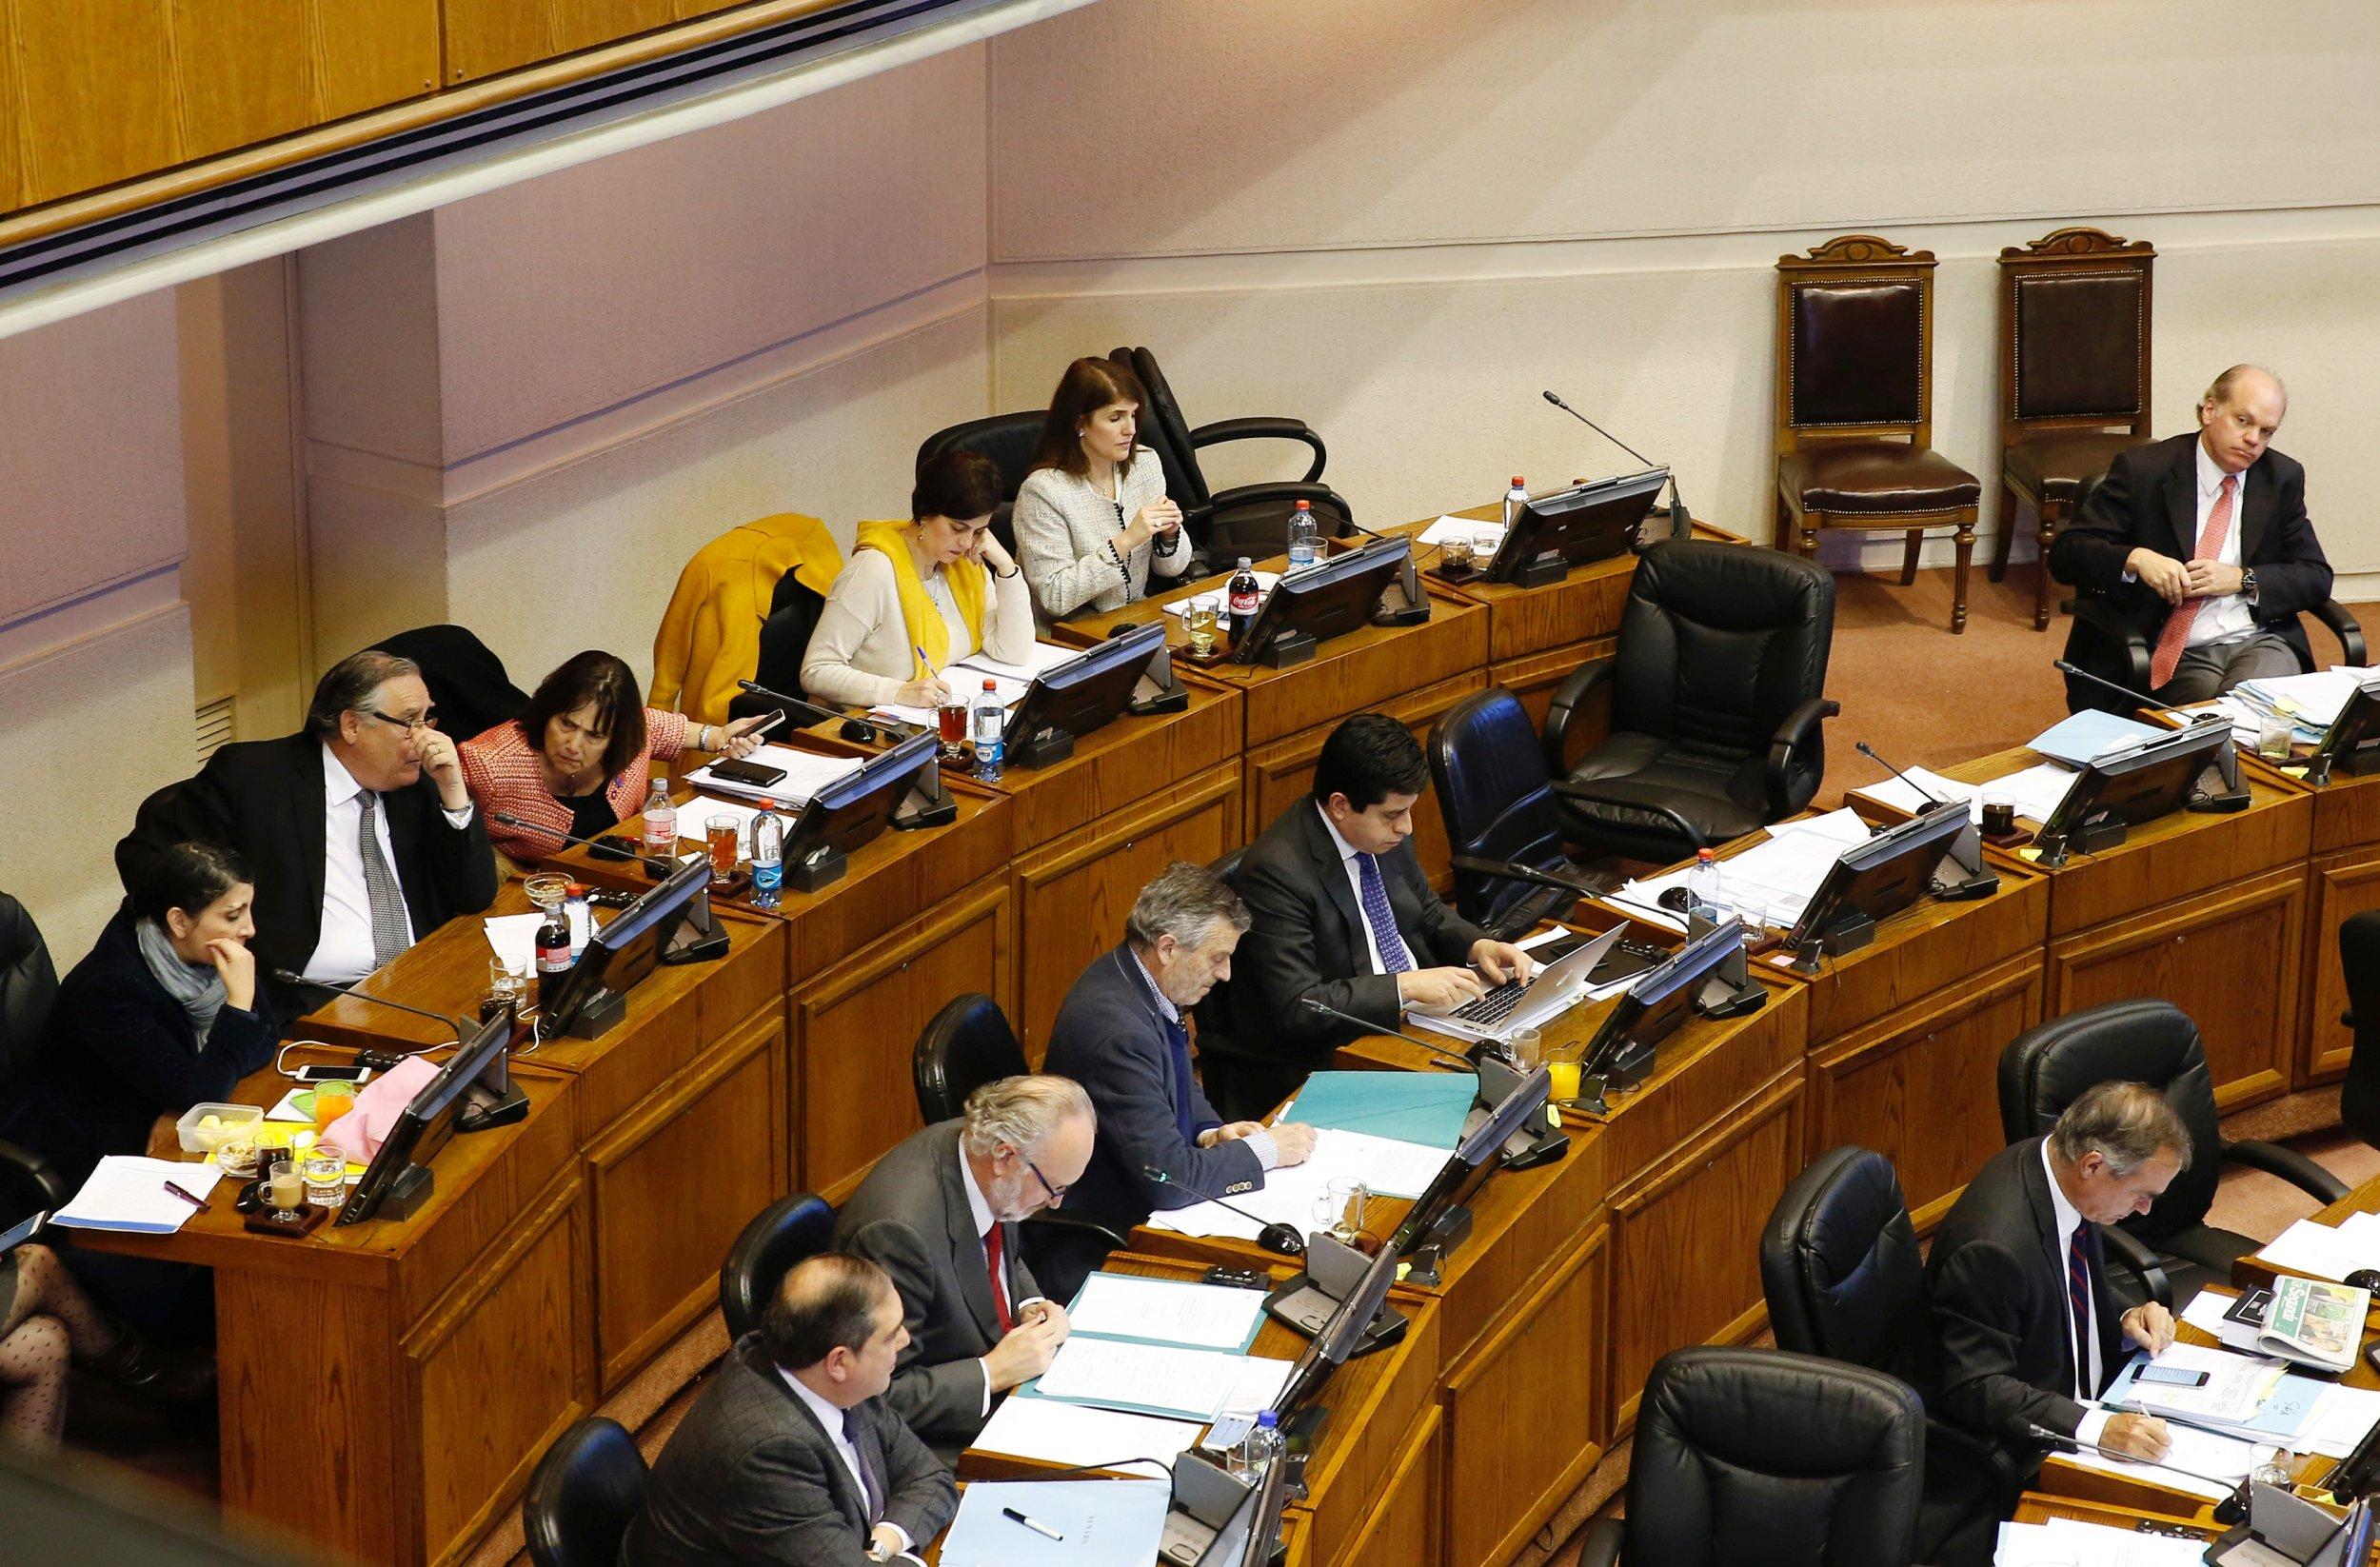 0719_Chile_senate_votes_abortion_01